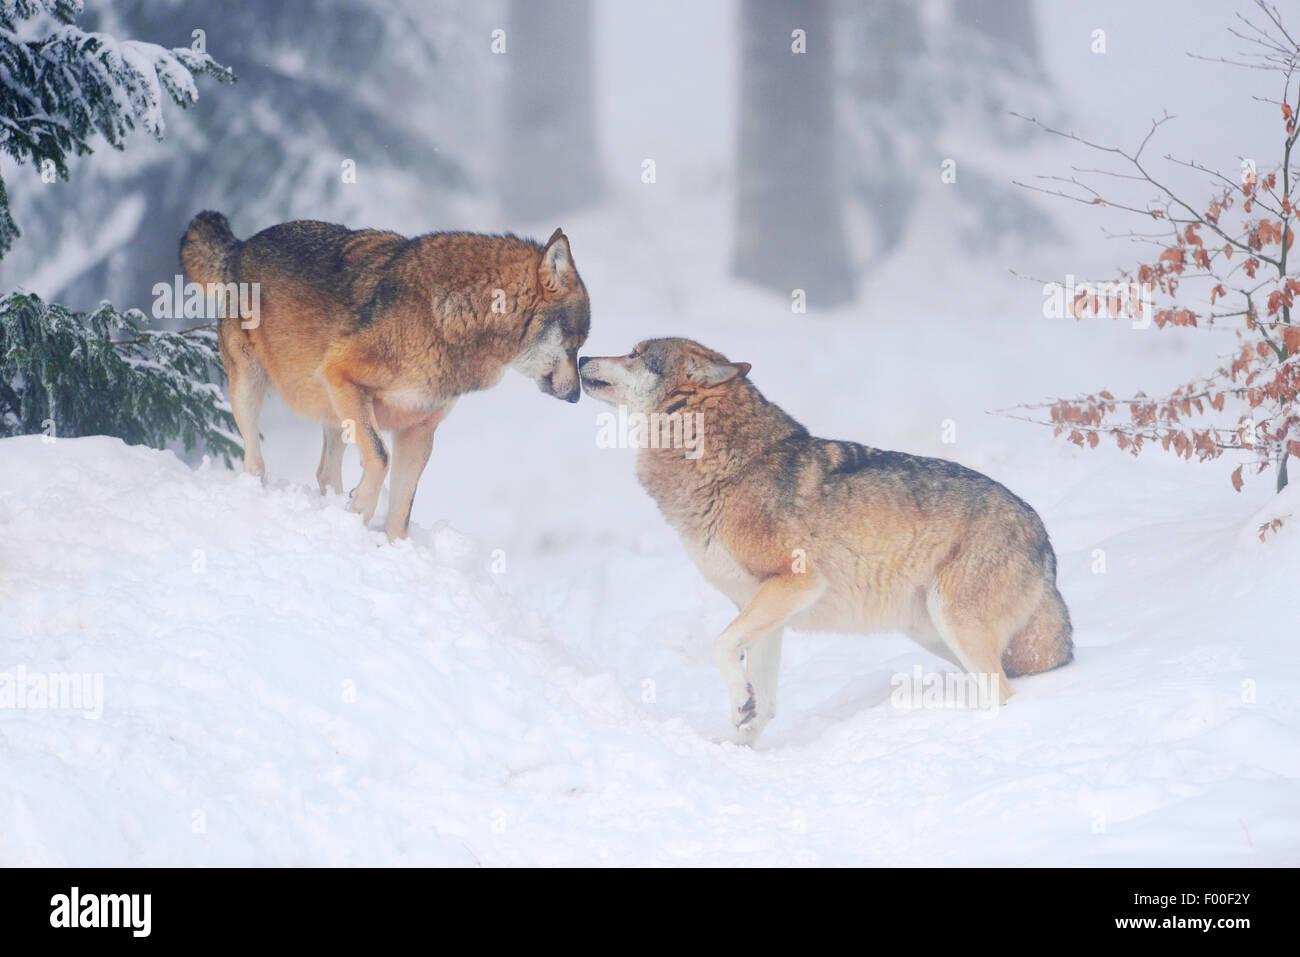 Unión lobo gris (Canis lupus lupus), dos lobos saludo, Alemania, Baviera, Parque Nacional del Bosque Bávaro Imagen De Stock